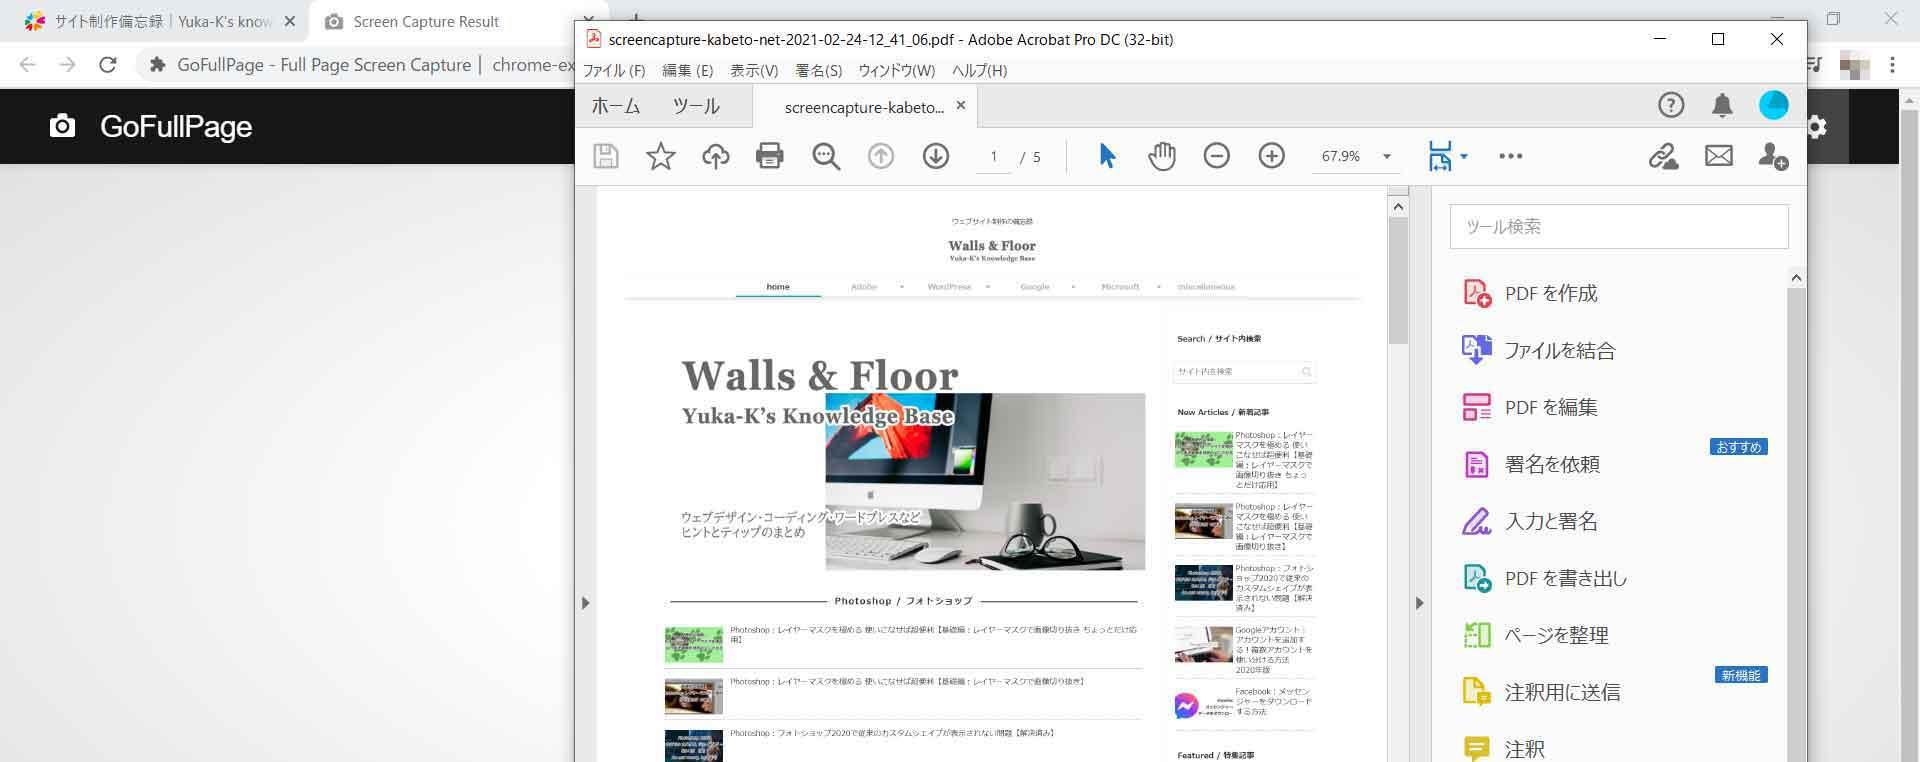 Chrome拡張機能GoFullPageで.pdfダウンロードした場合の画面表示